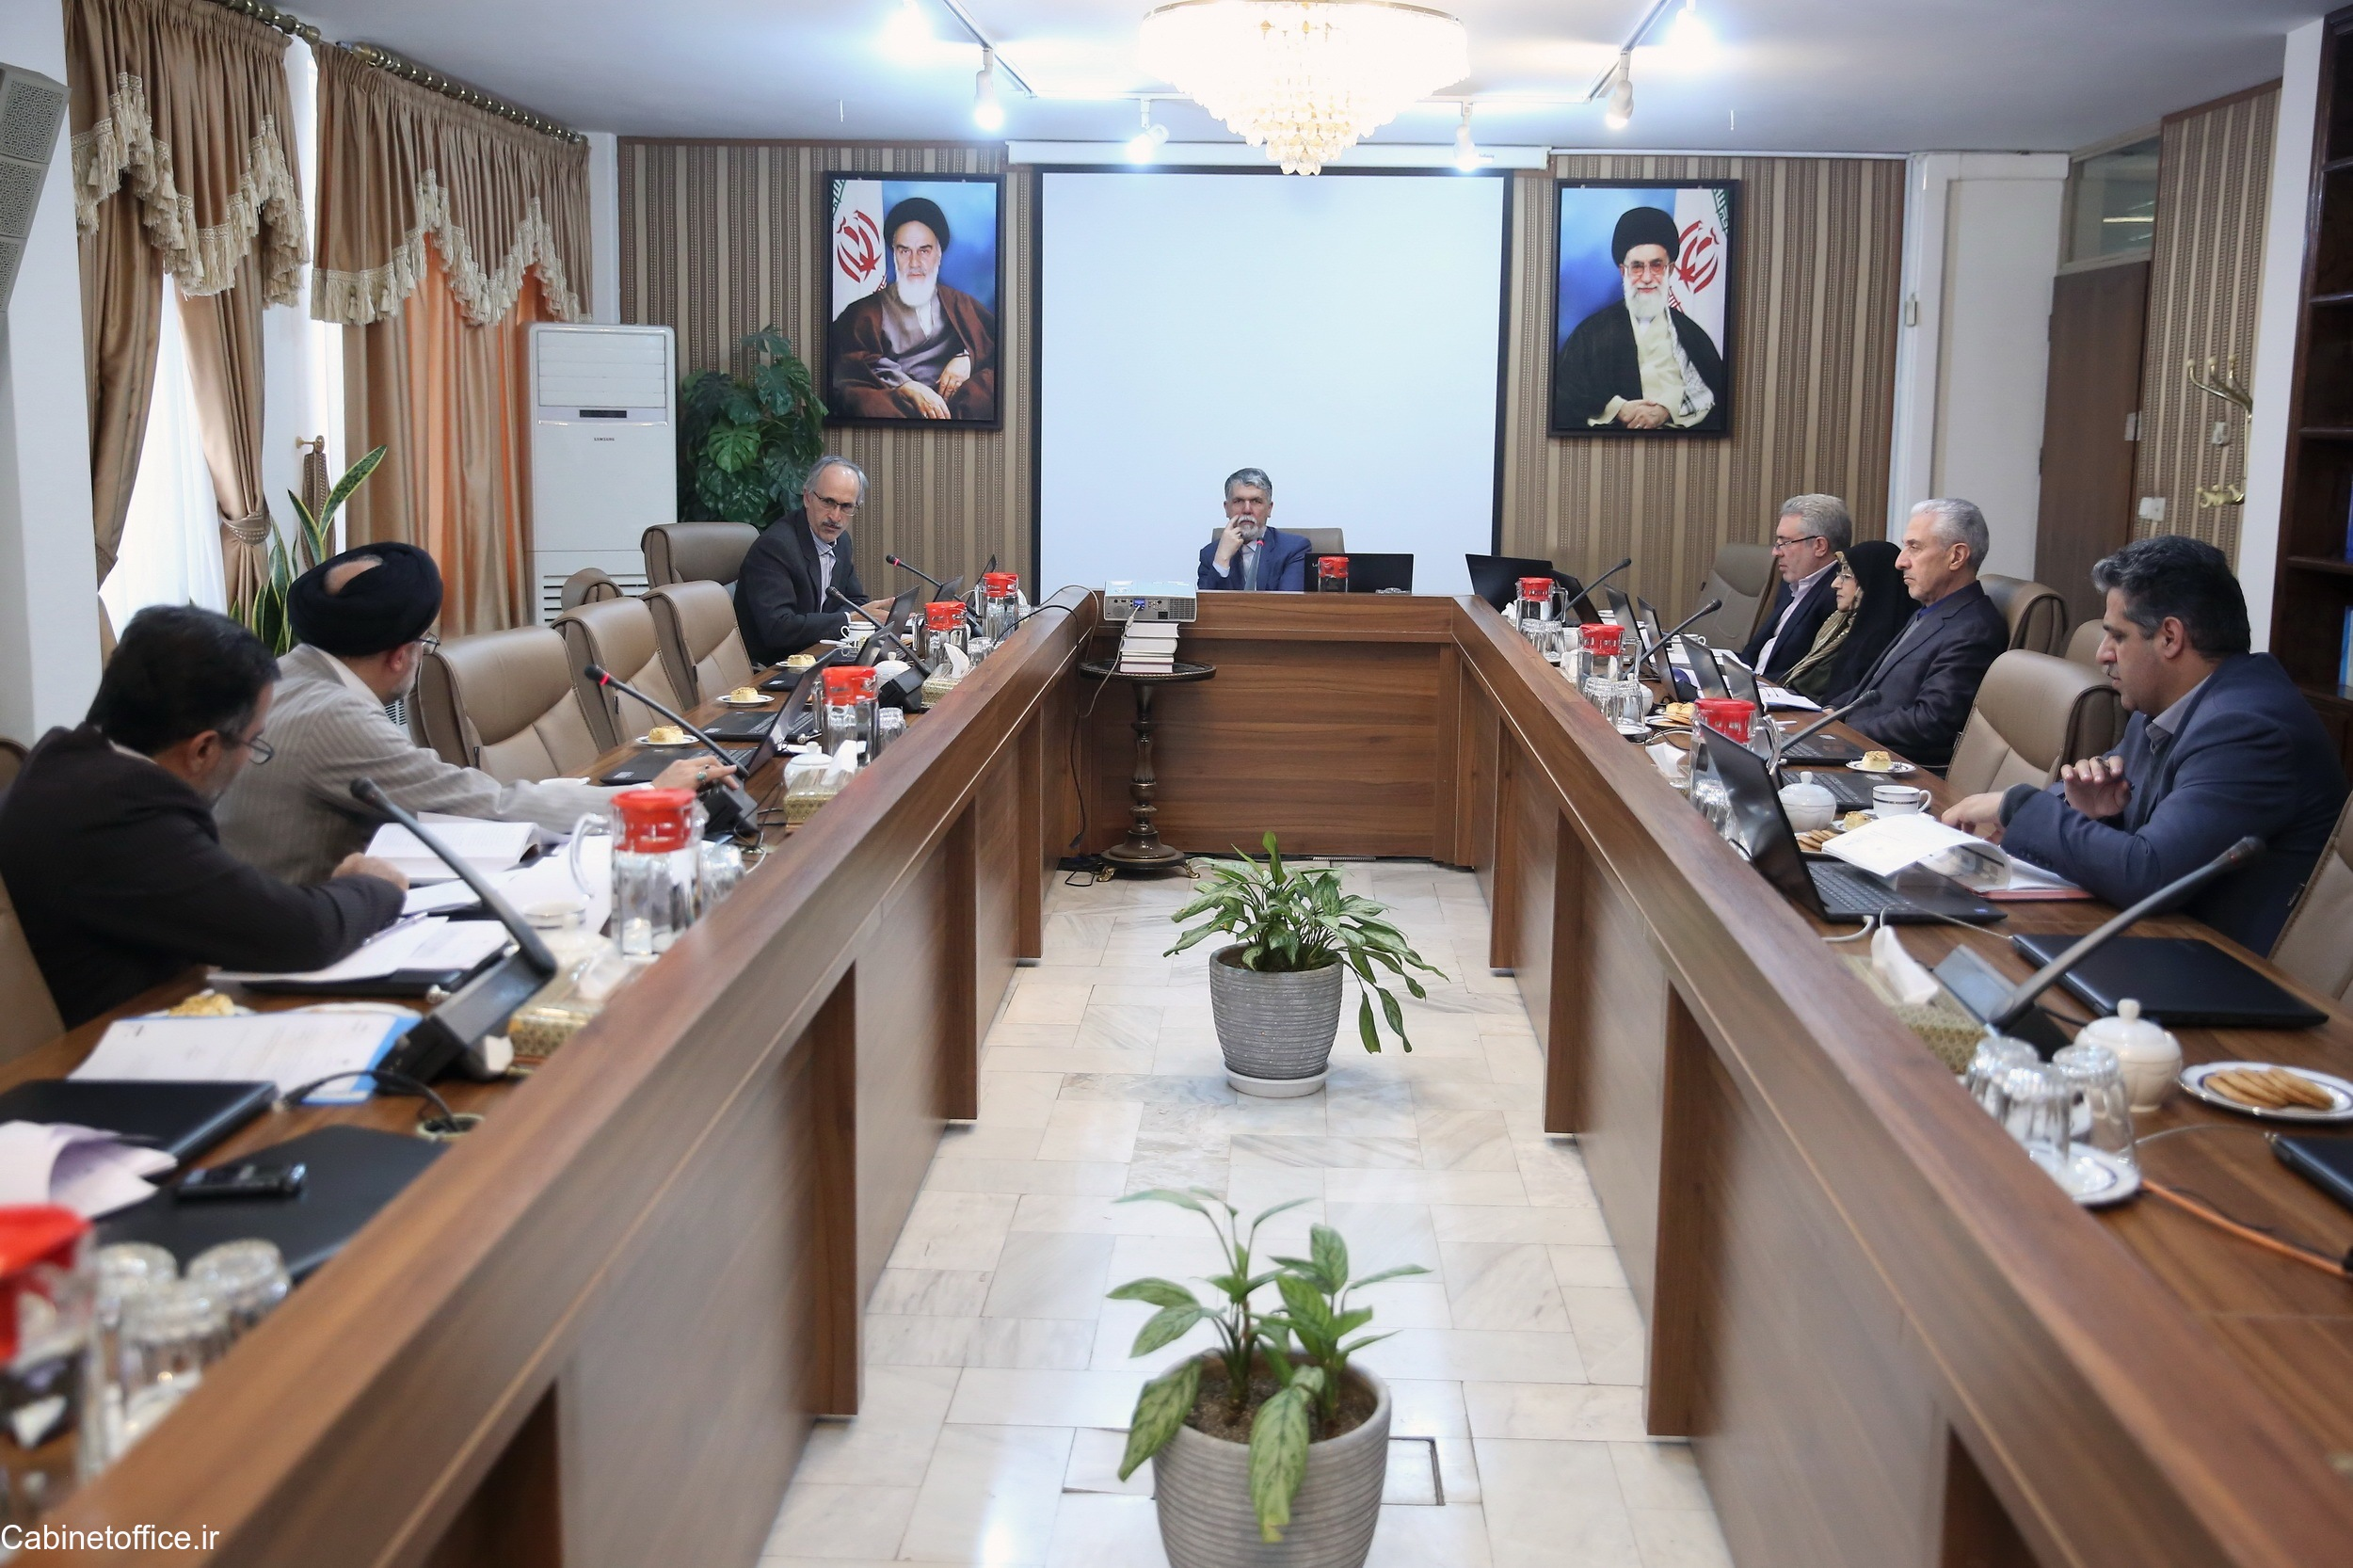 جلسه اصلی کمیسیون فرهنگی در تاریخ ۱ دی ۱۳۹۸